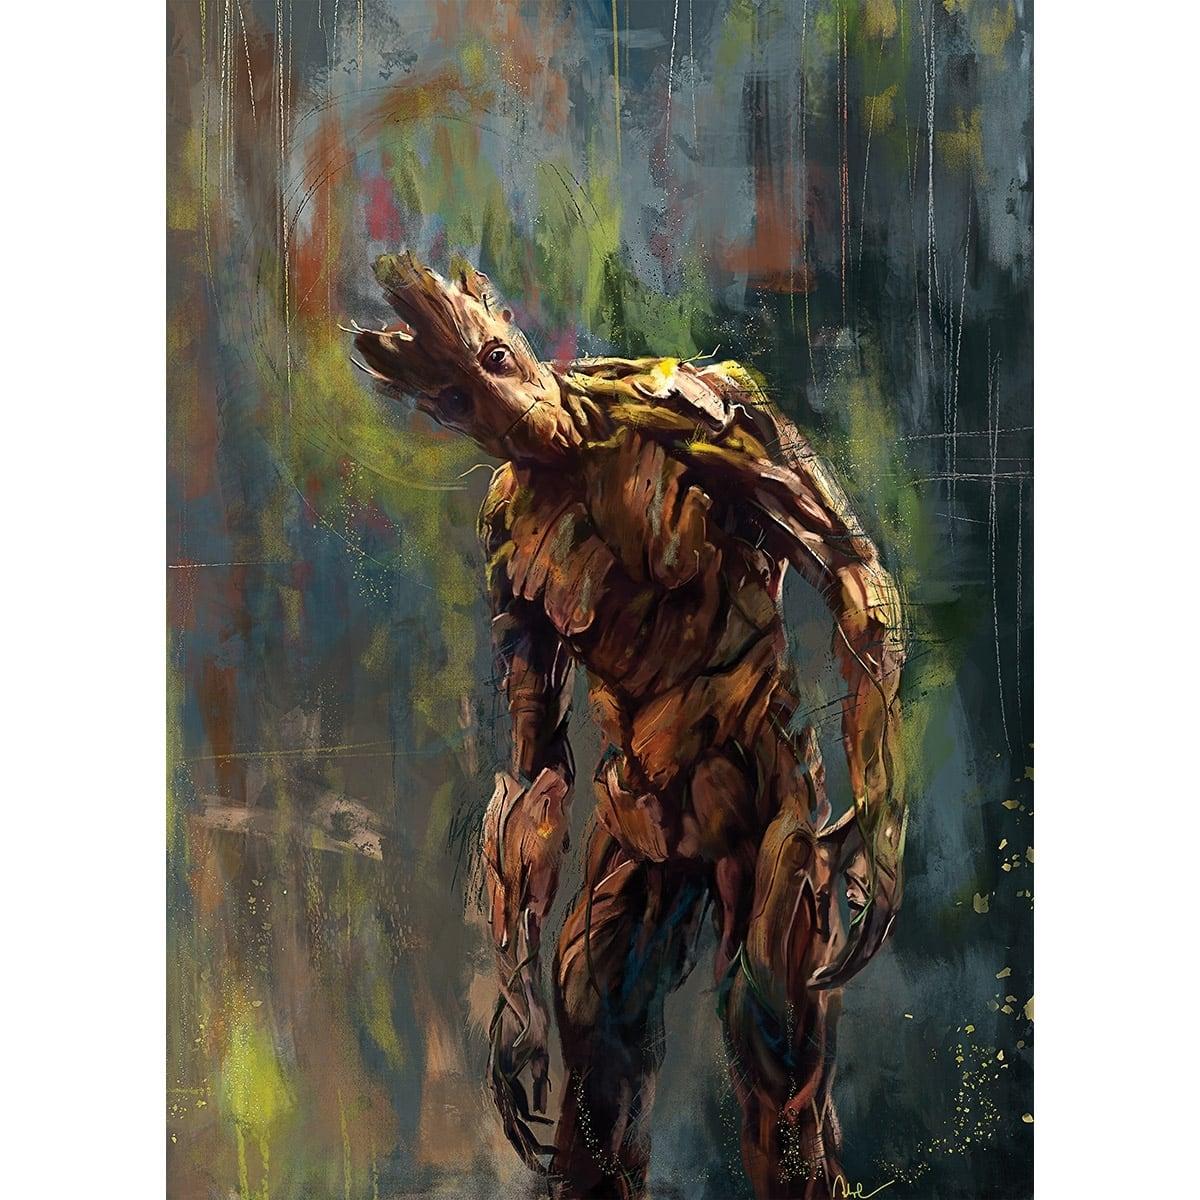 Tableau moderne de groot le personnage des gardiens de la galaxie